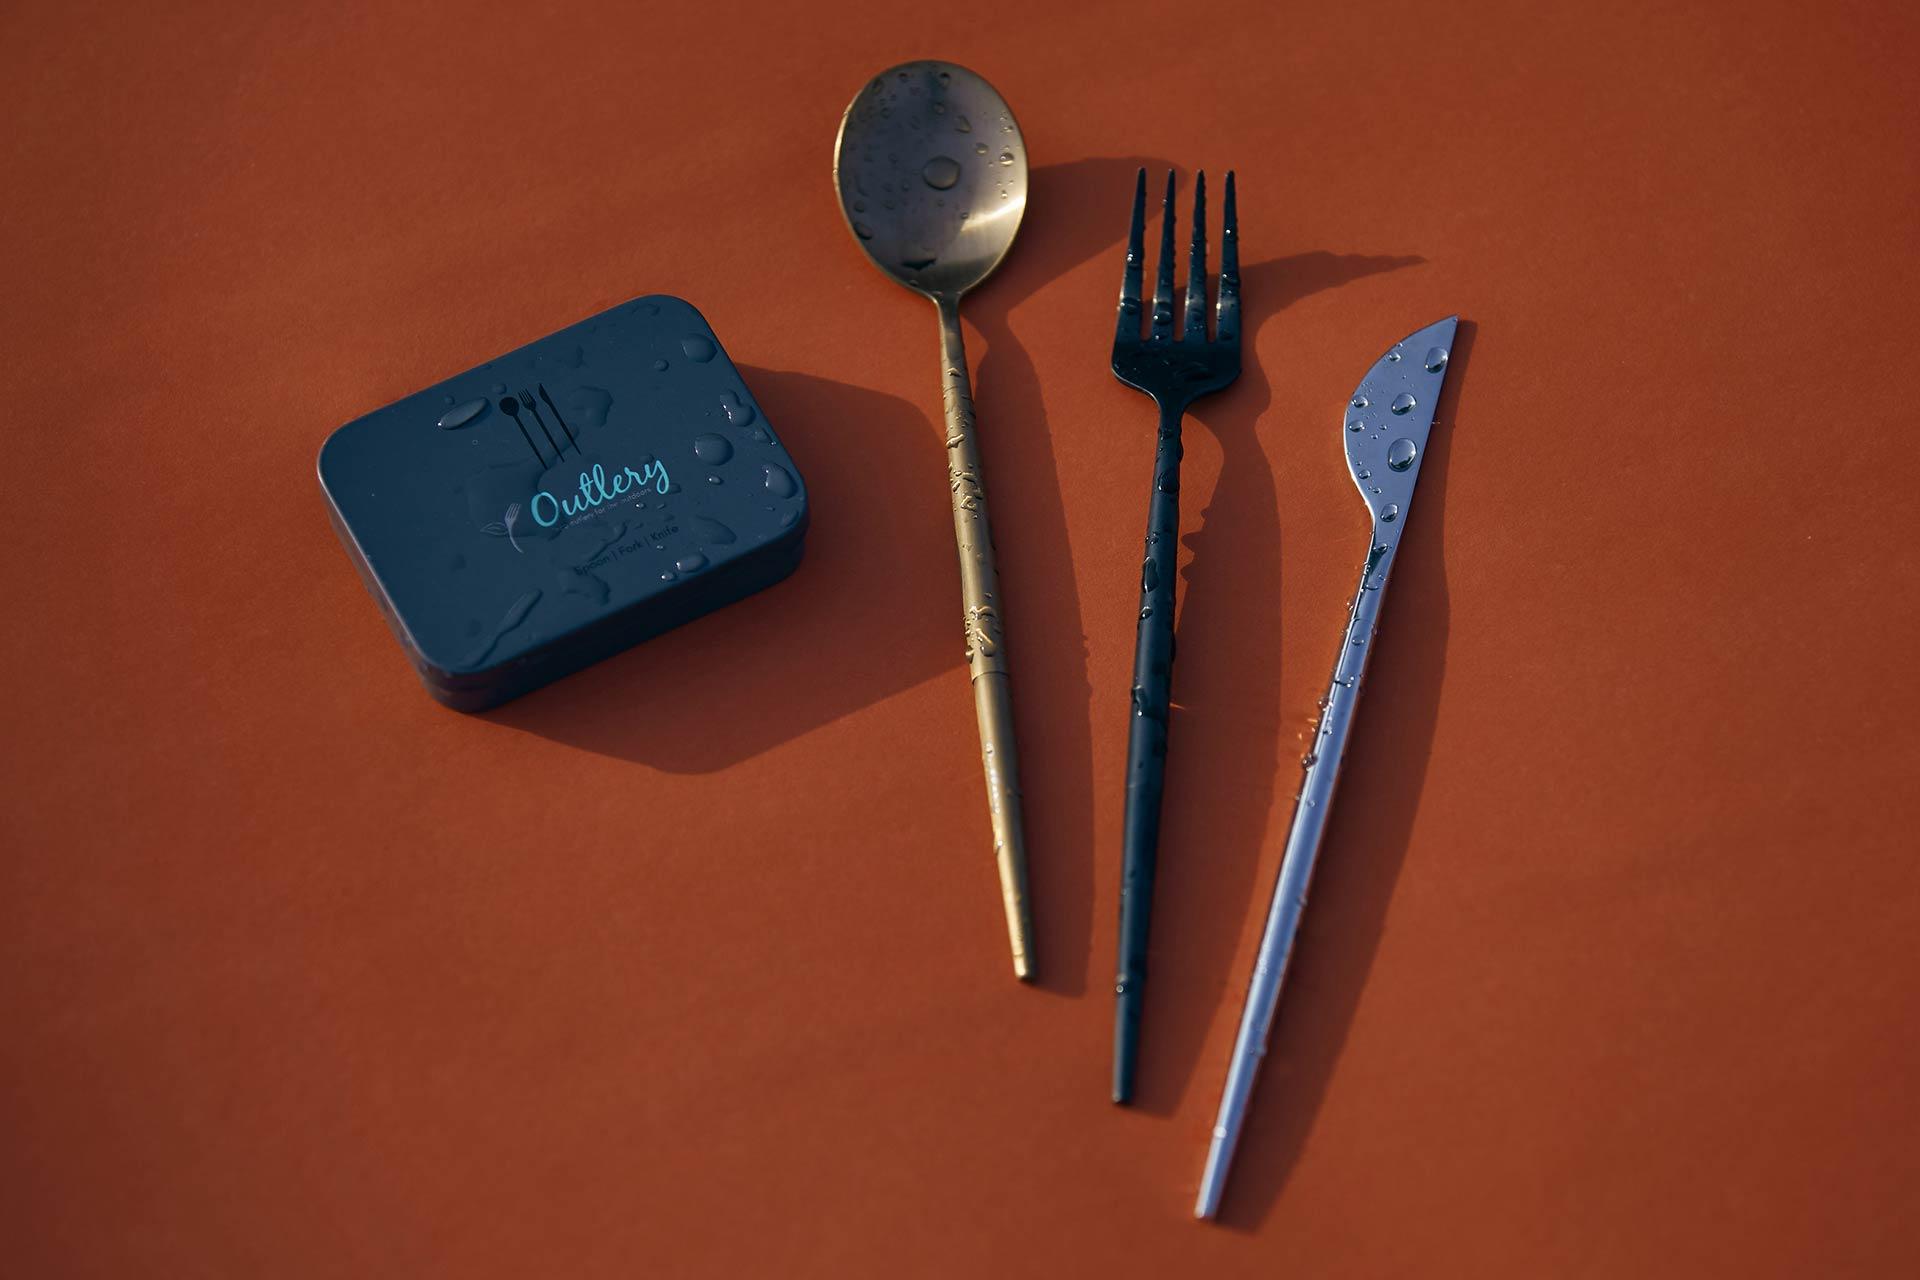 Posate riutilizzabili Outlery